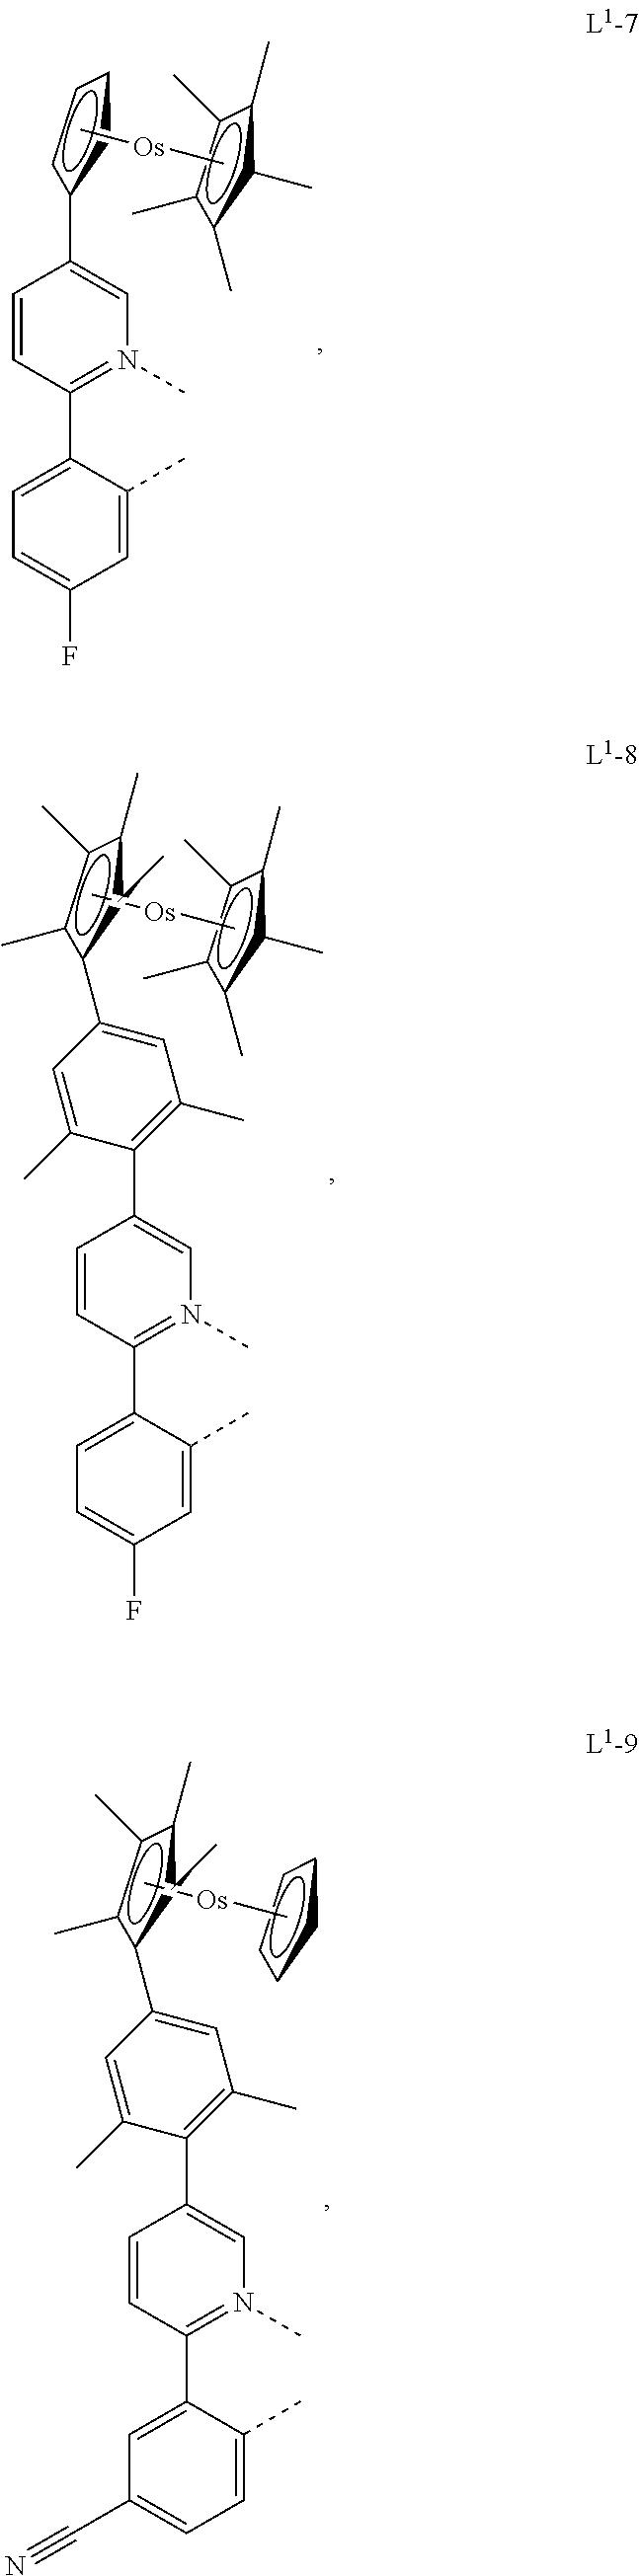 Figure US09680113-20170613-C00013